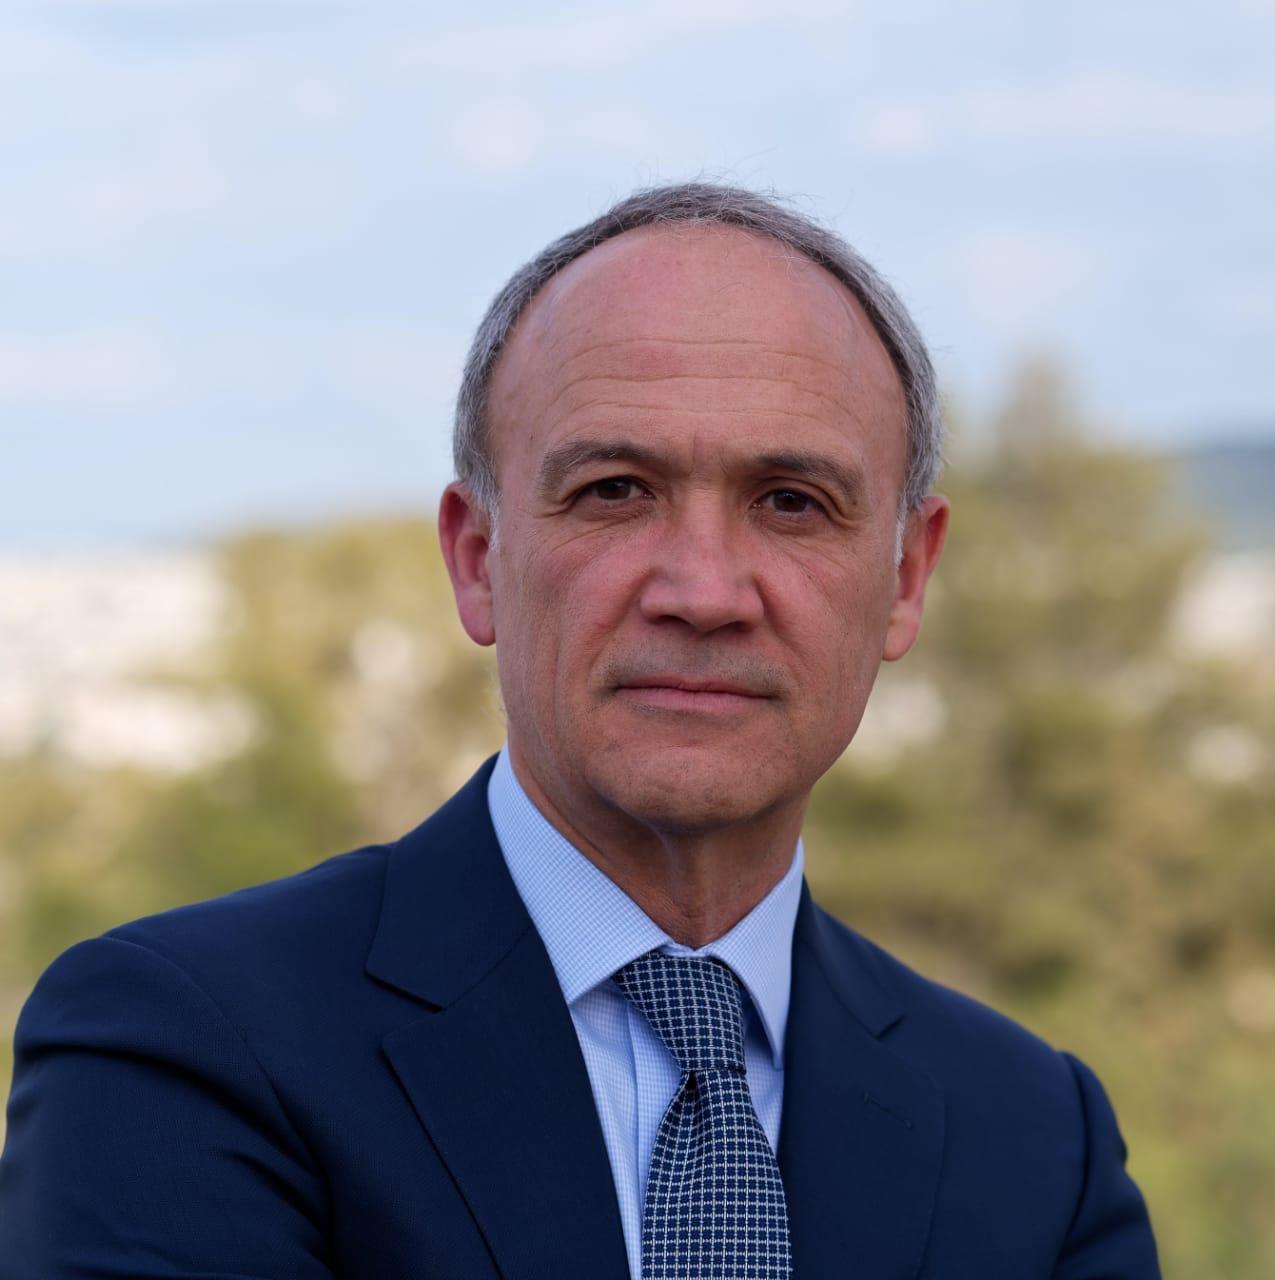 Ευθύμιος Μπουλούτας, CEO Ελλάκτωρ